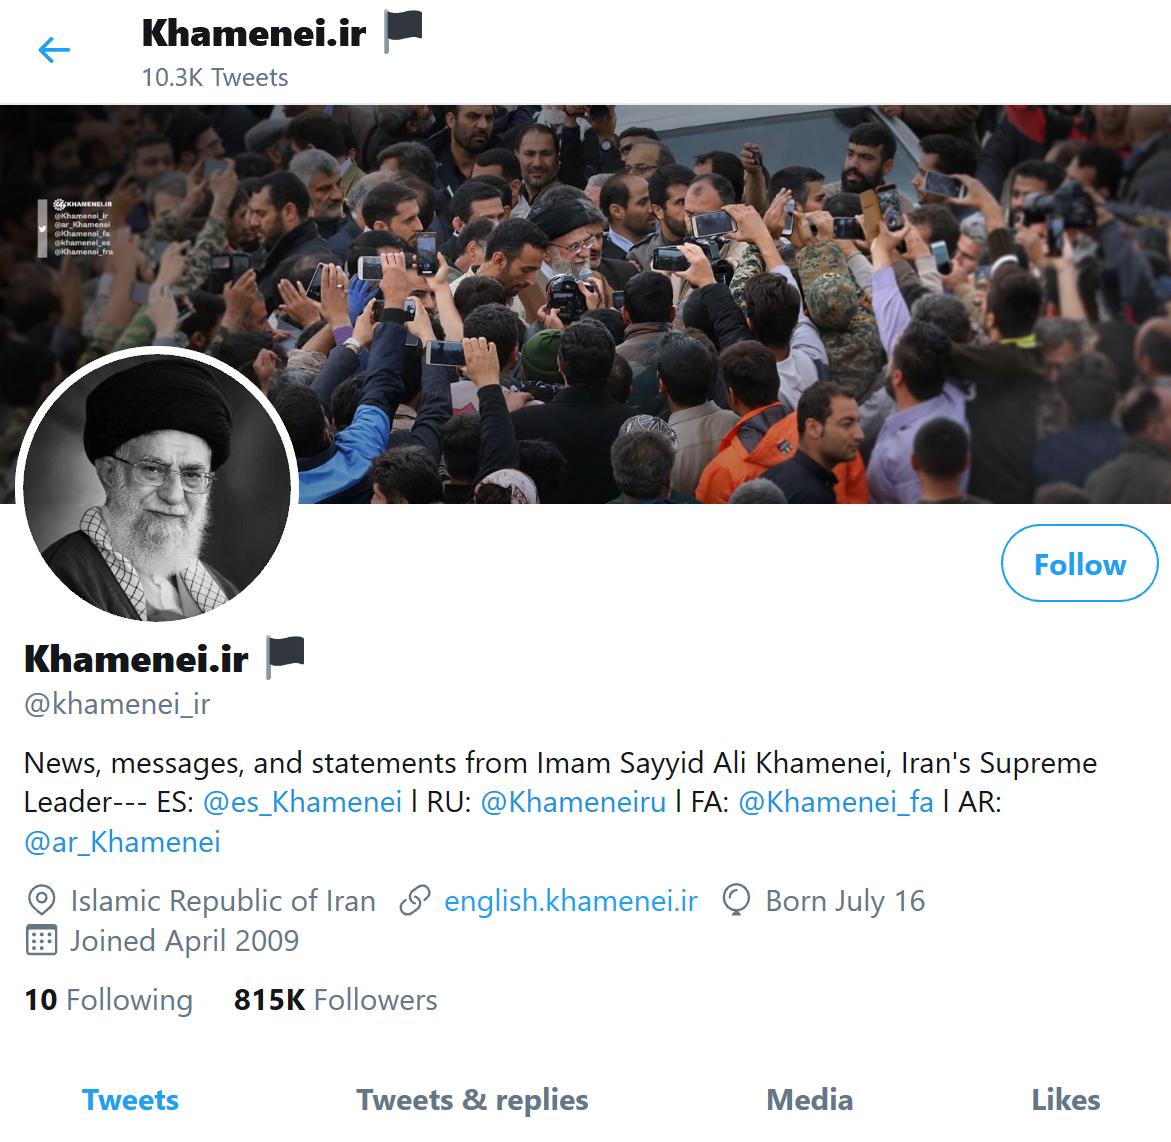 حاسب انگلیسی خامنهای در توییتر